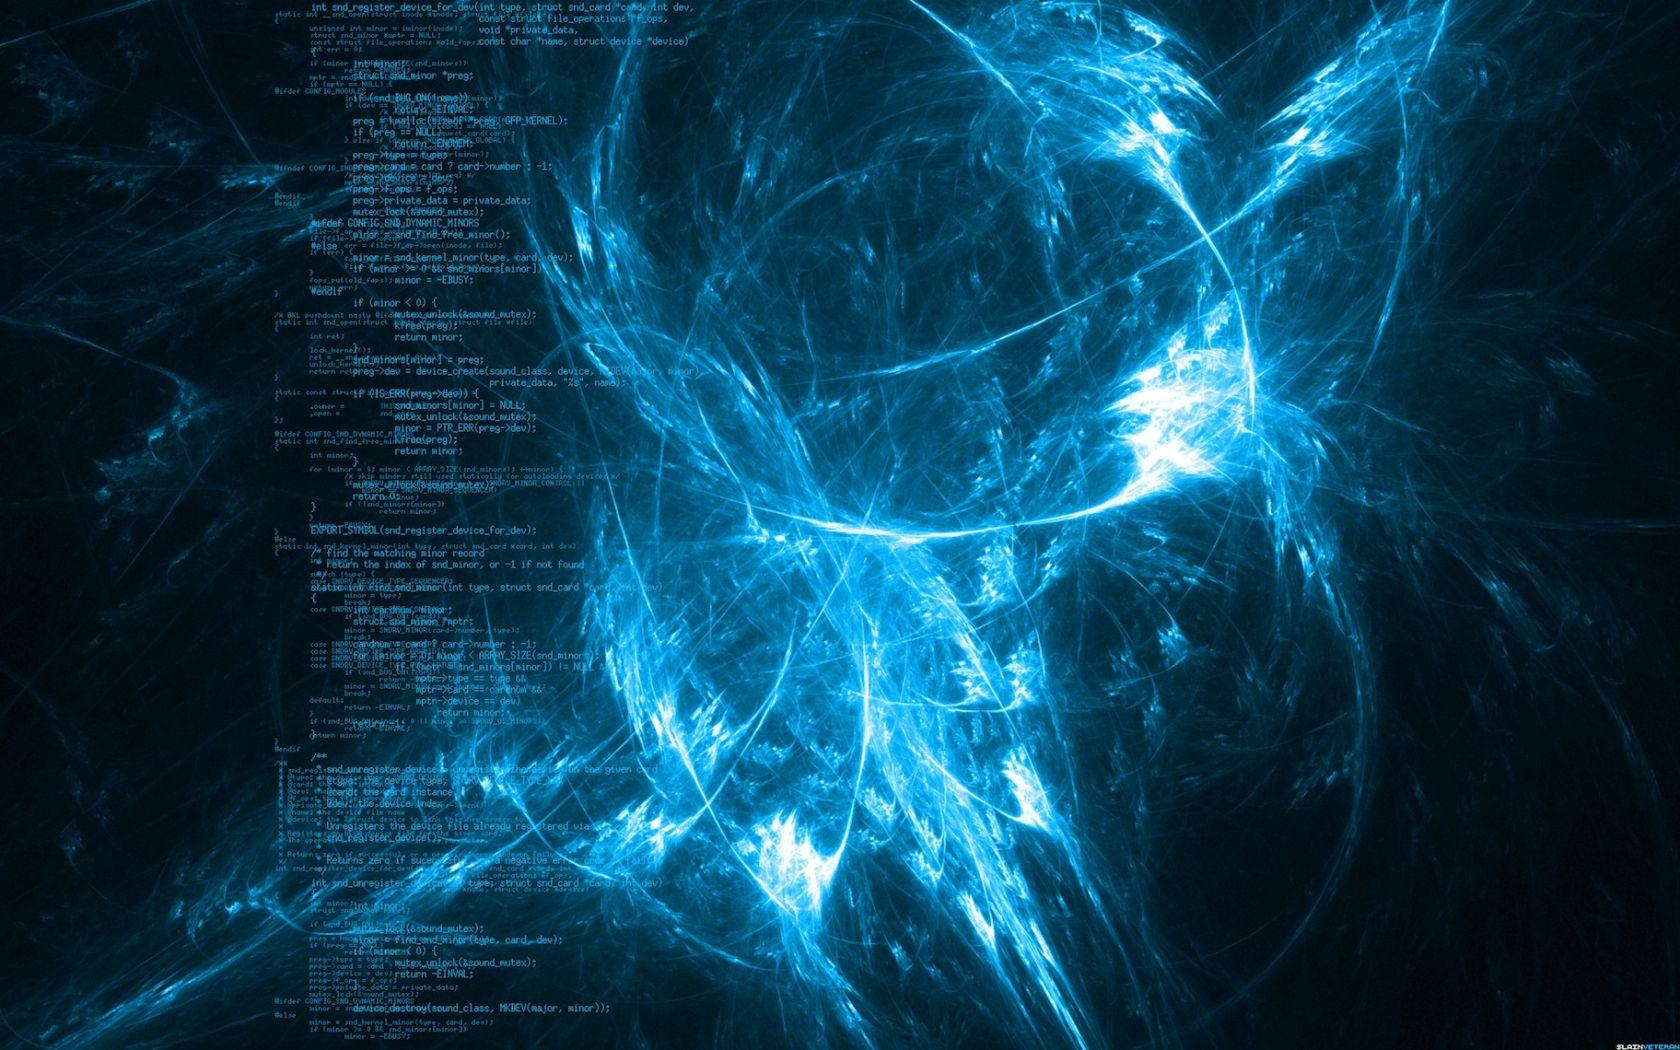 Cyberpunk themed wallpaper [1824x1140] Wallpaper Wallpapers 1680x1050